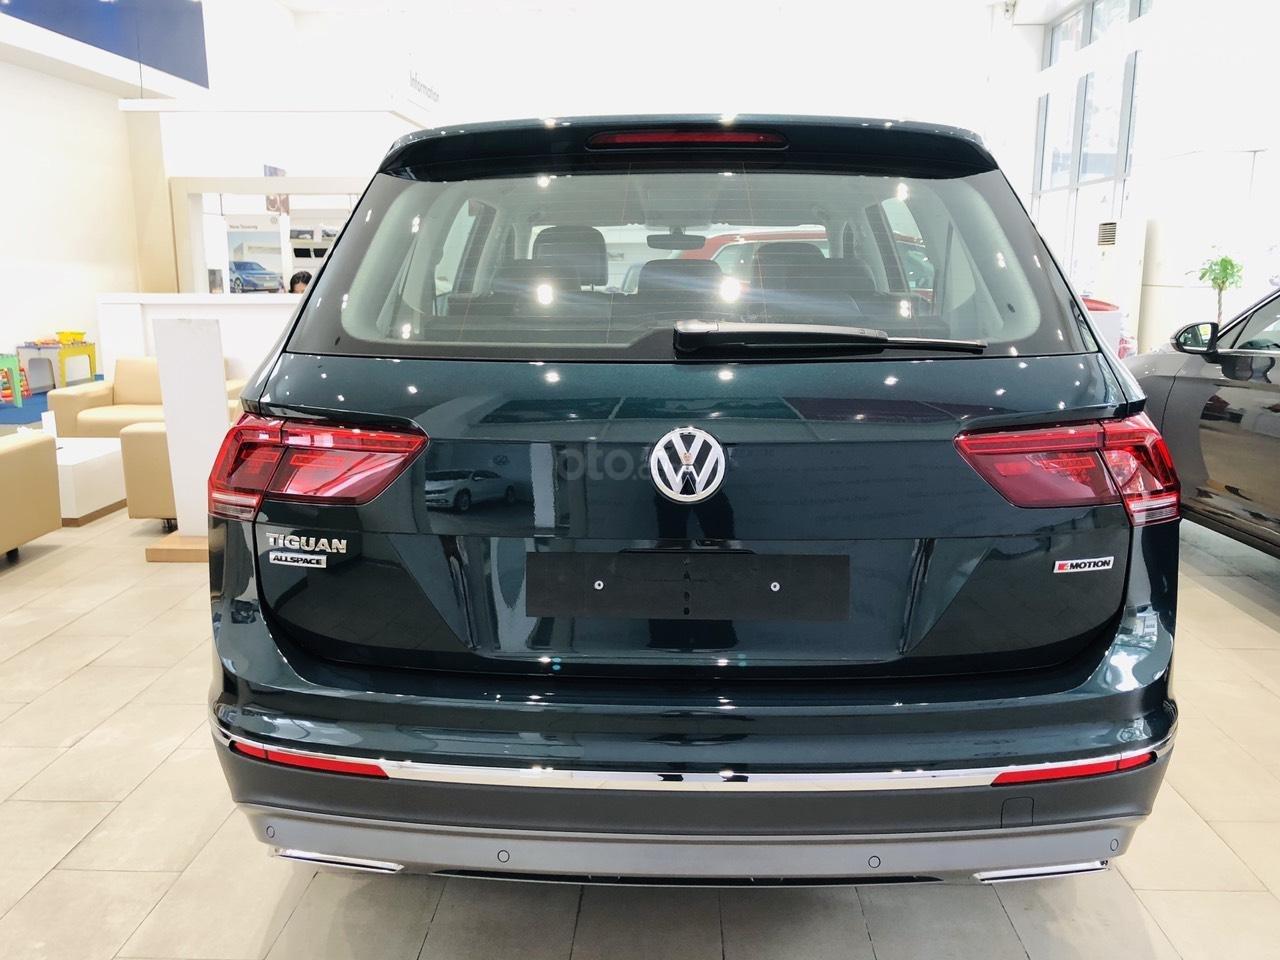 Volkswagen Tiguan Luxury S xanh rêu lạ mắt - xe Đức nhập khẩu 100% - giao ngay (8)